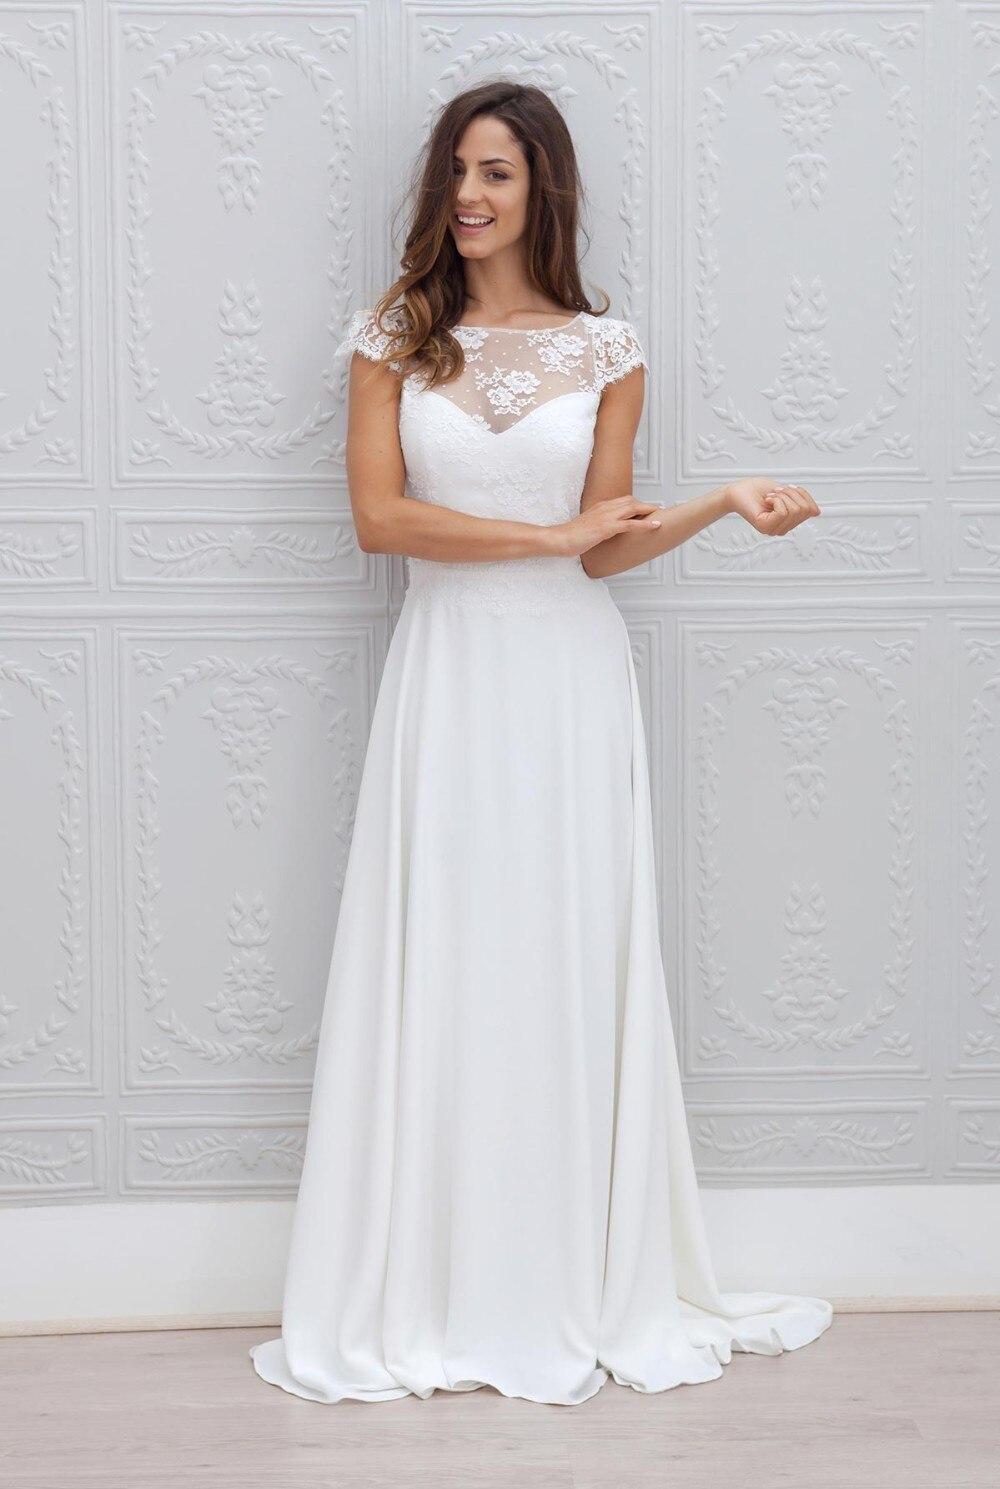 obtenir pas cher nombreux dans la variété renommée mondiale robe de mariee aliexpress